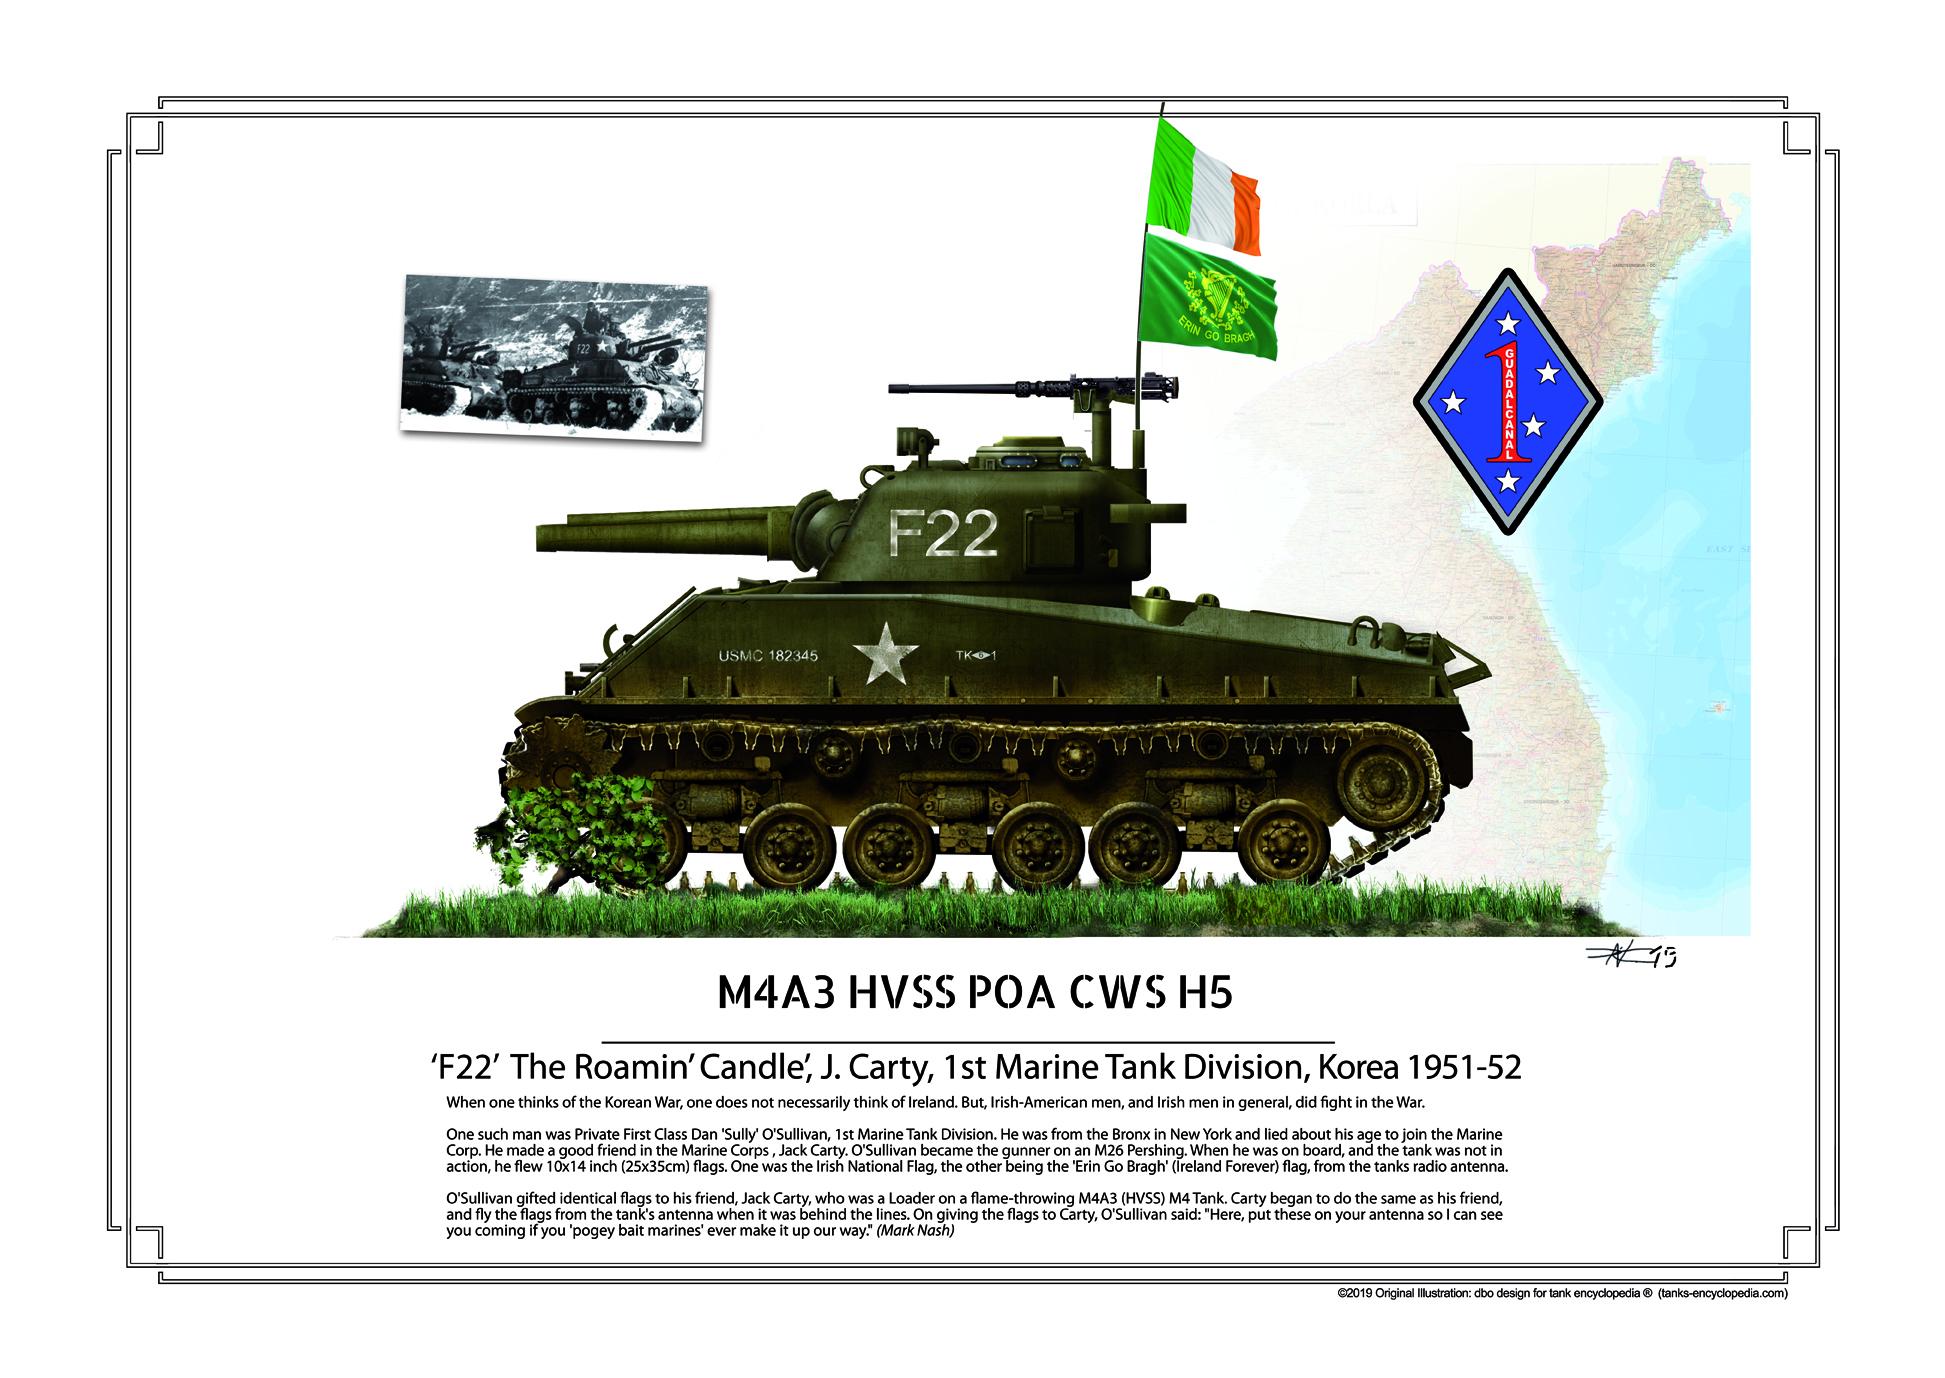 Korean War M4A3 HVSS POA CWS